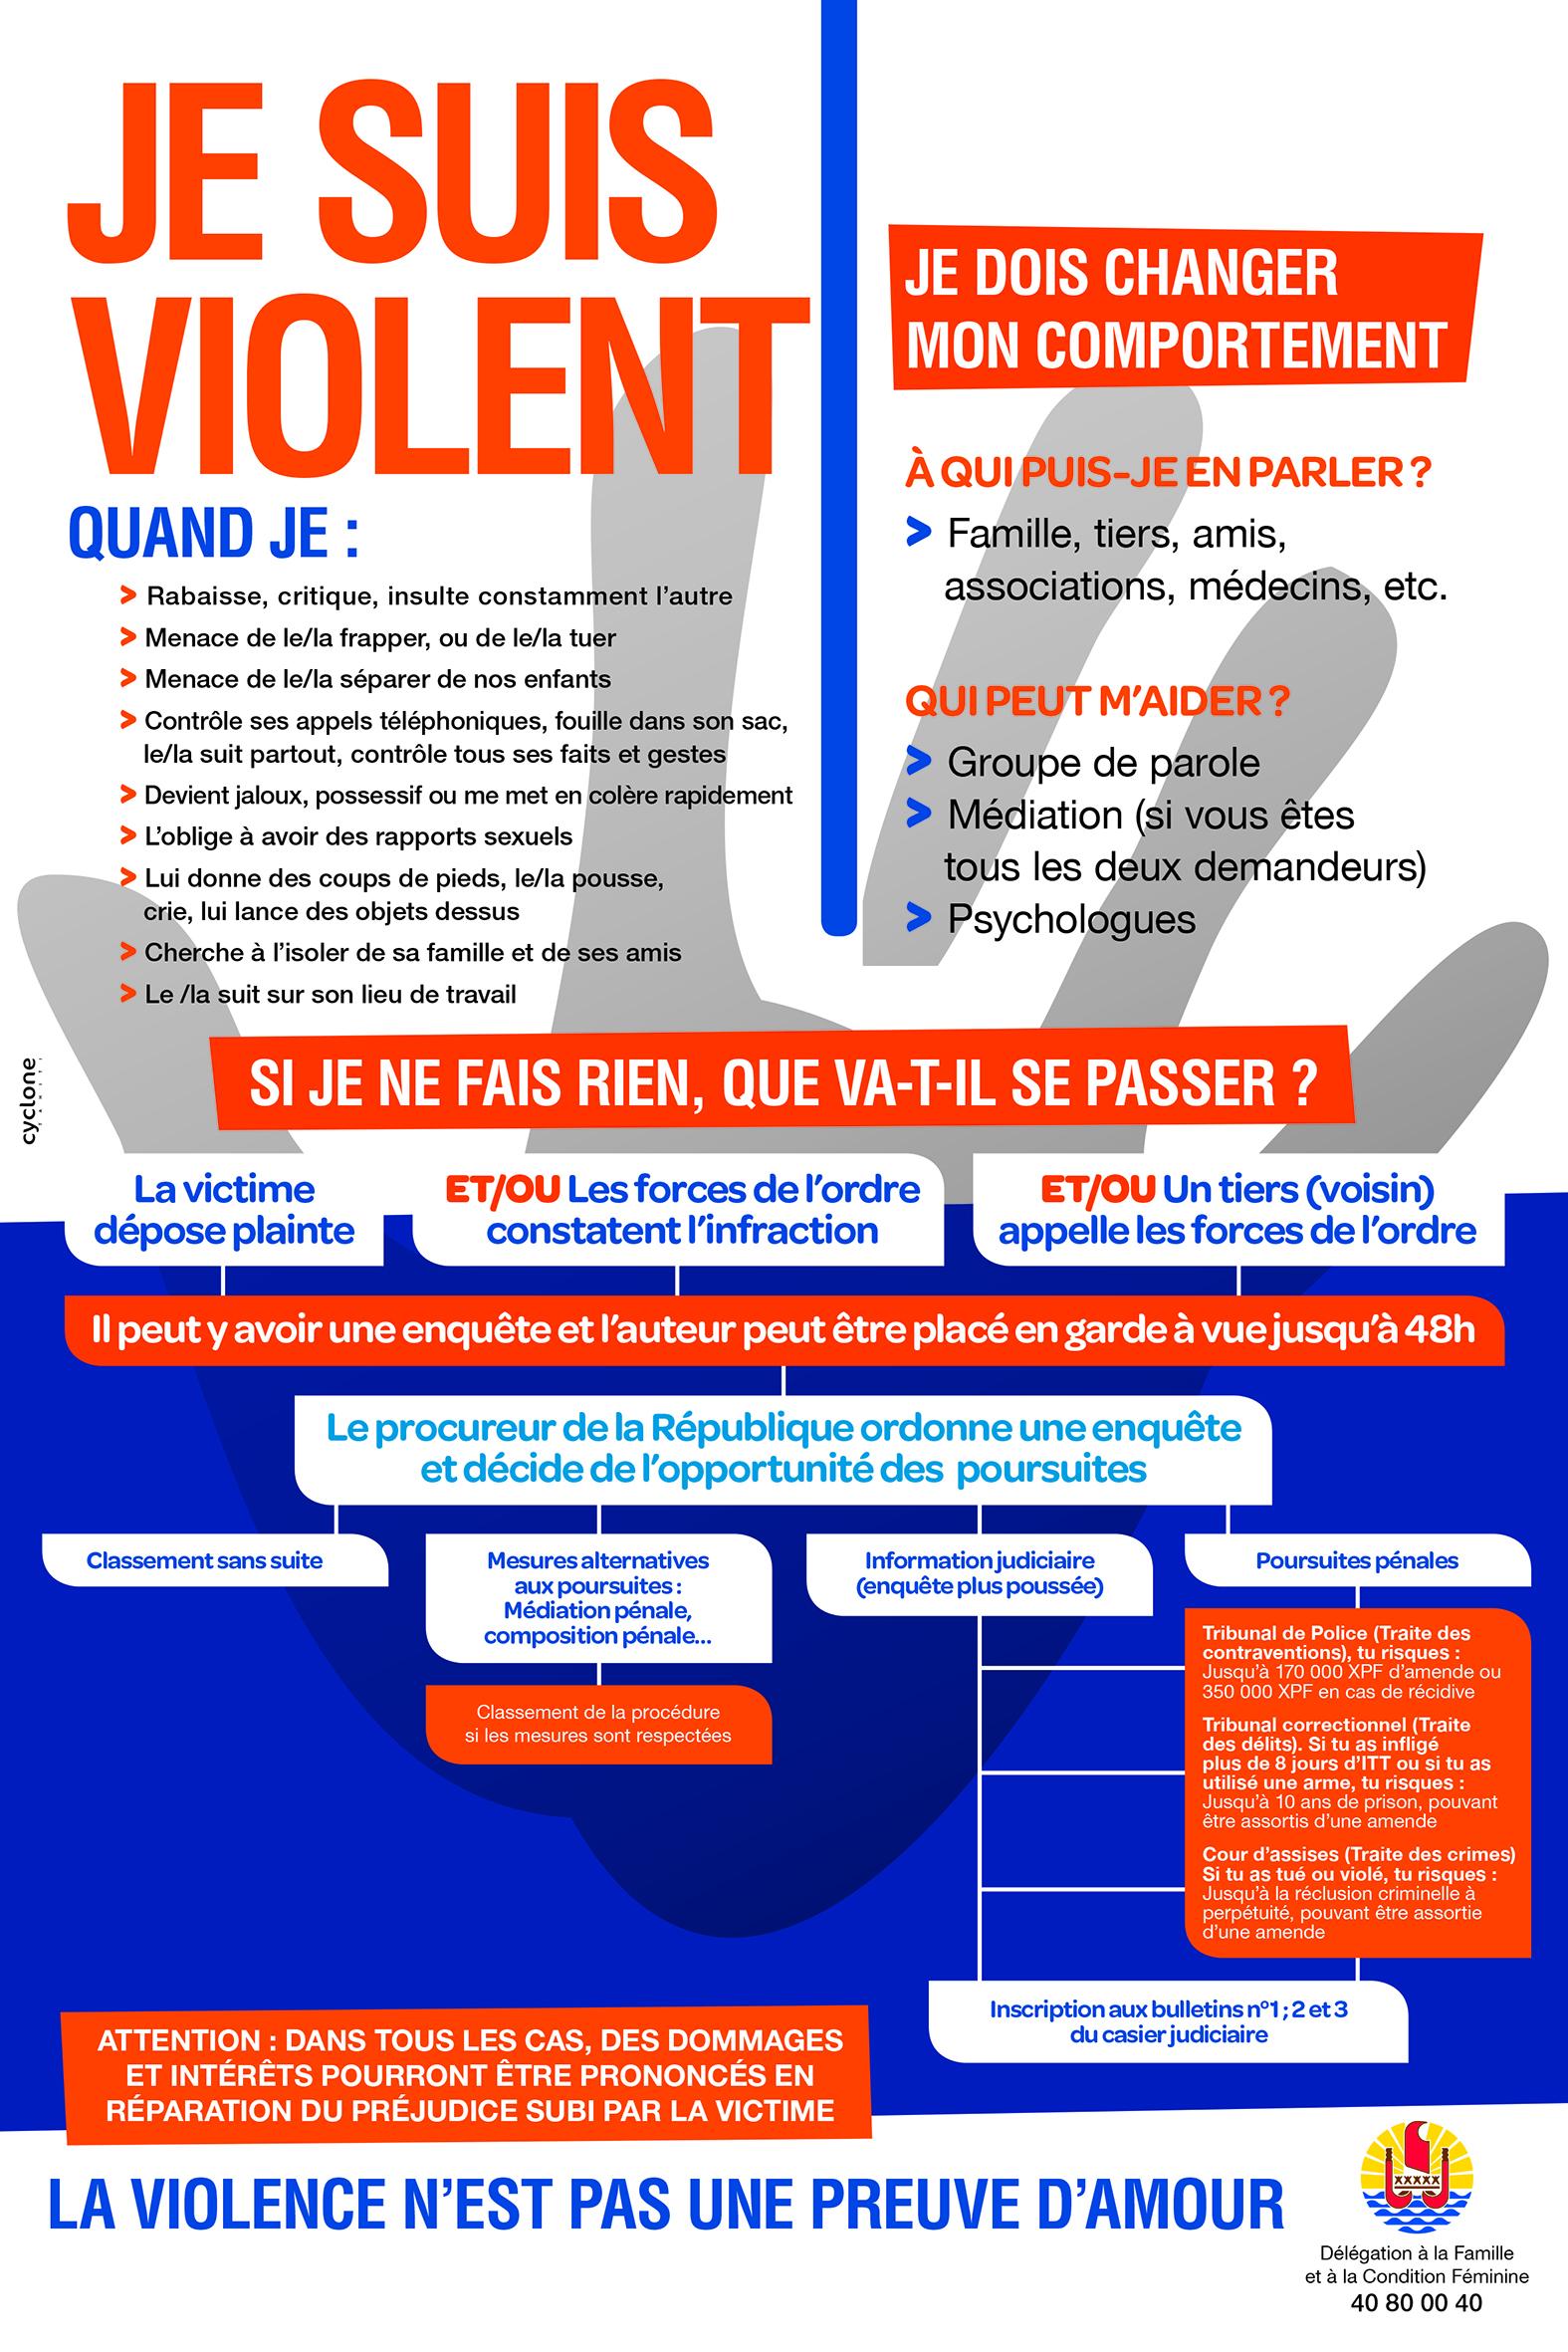 violences-couple-affiche-40x60-je-suis-violent-fr